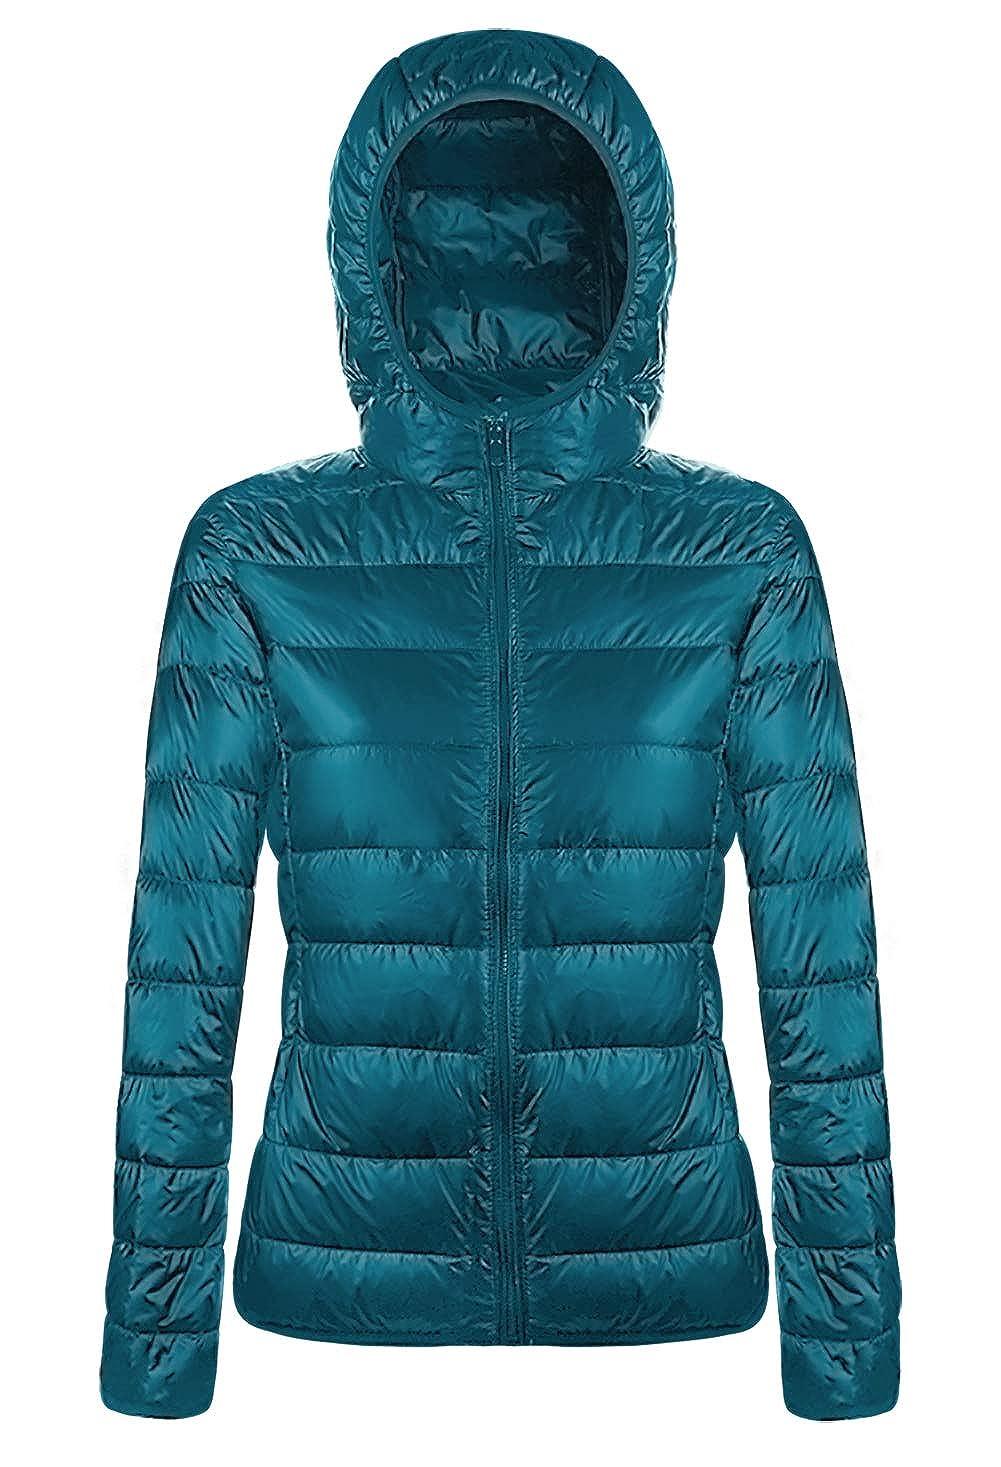 41d7872ffd80d6 Amazon.com: Aixy Womens Ultra Light Weight Packable Hooded Down Jacket  Short Puffer Coats: Clothing